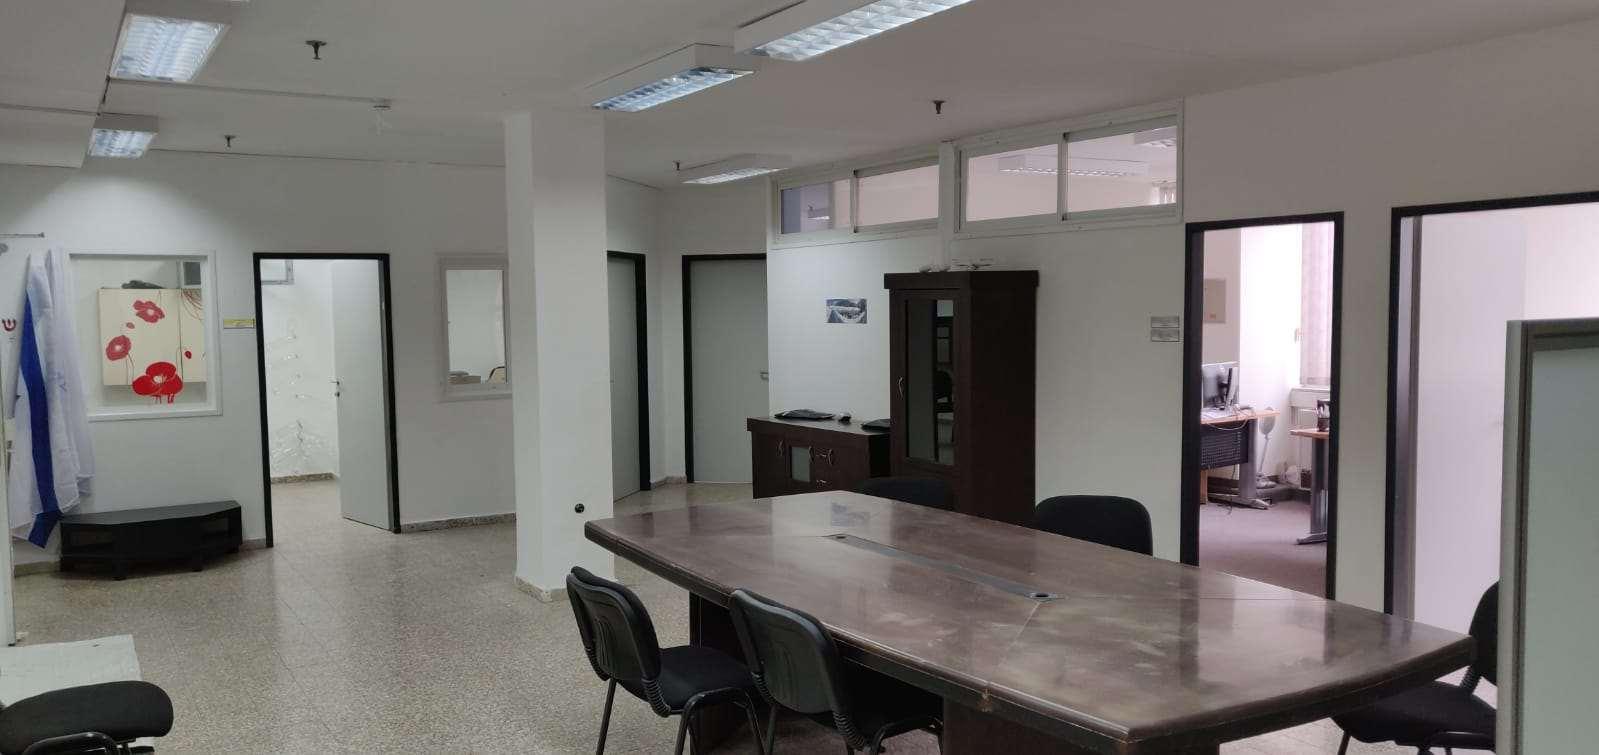 משרדים להשכרה, קומבה, חדרה